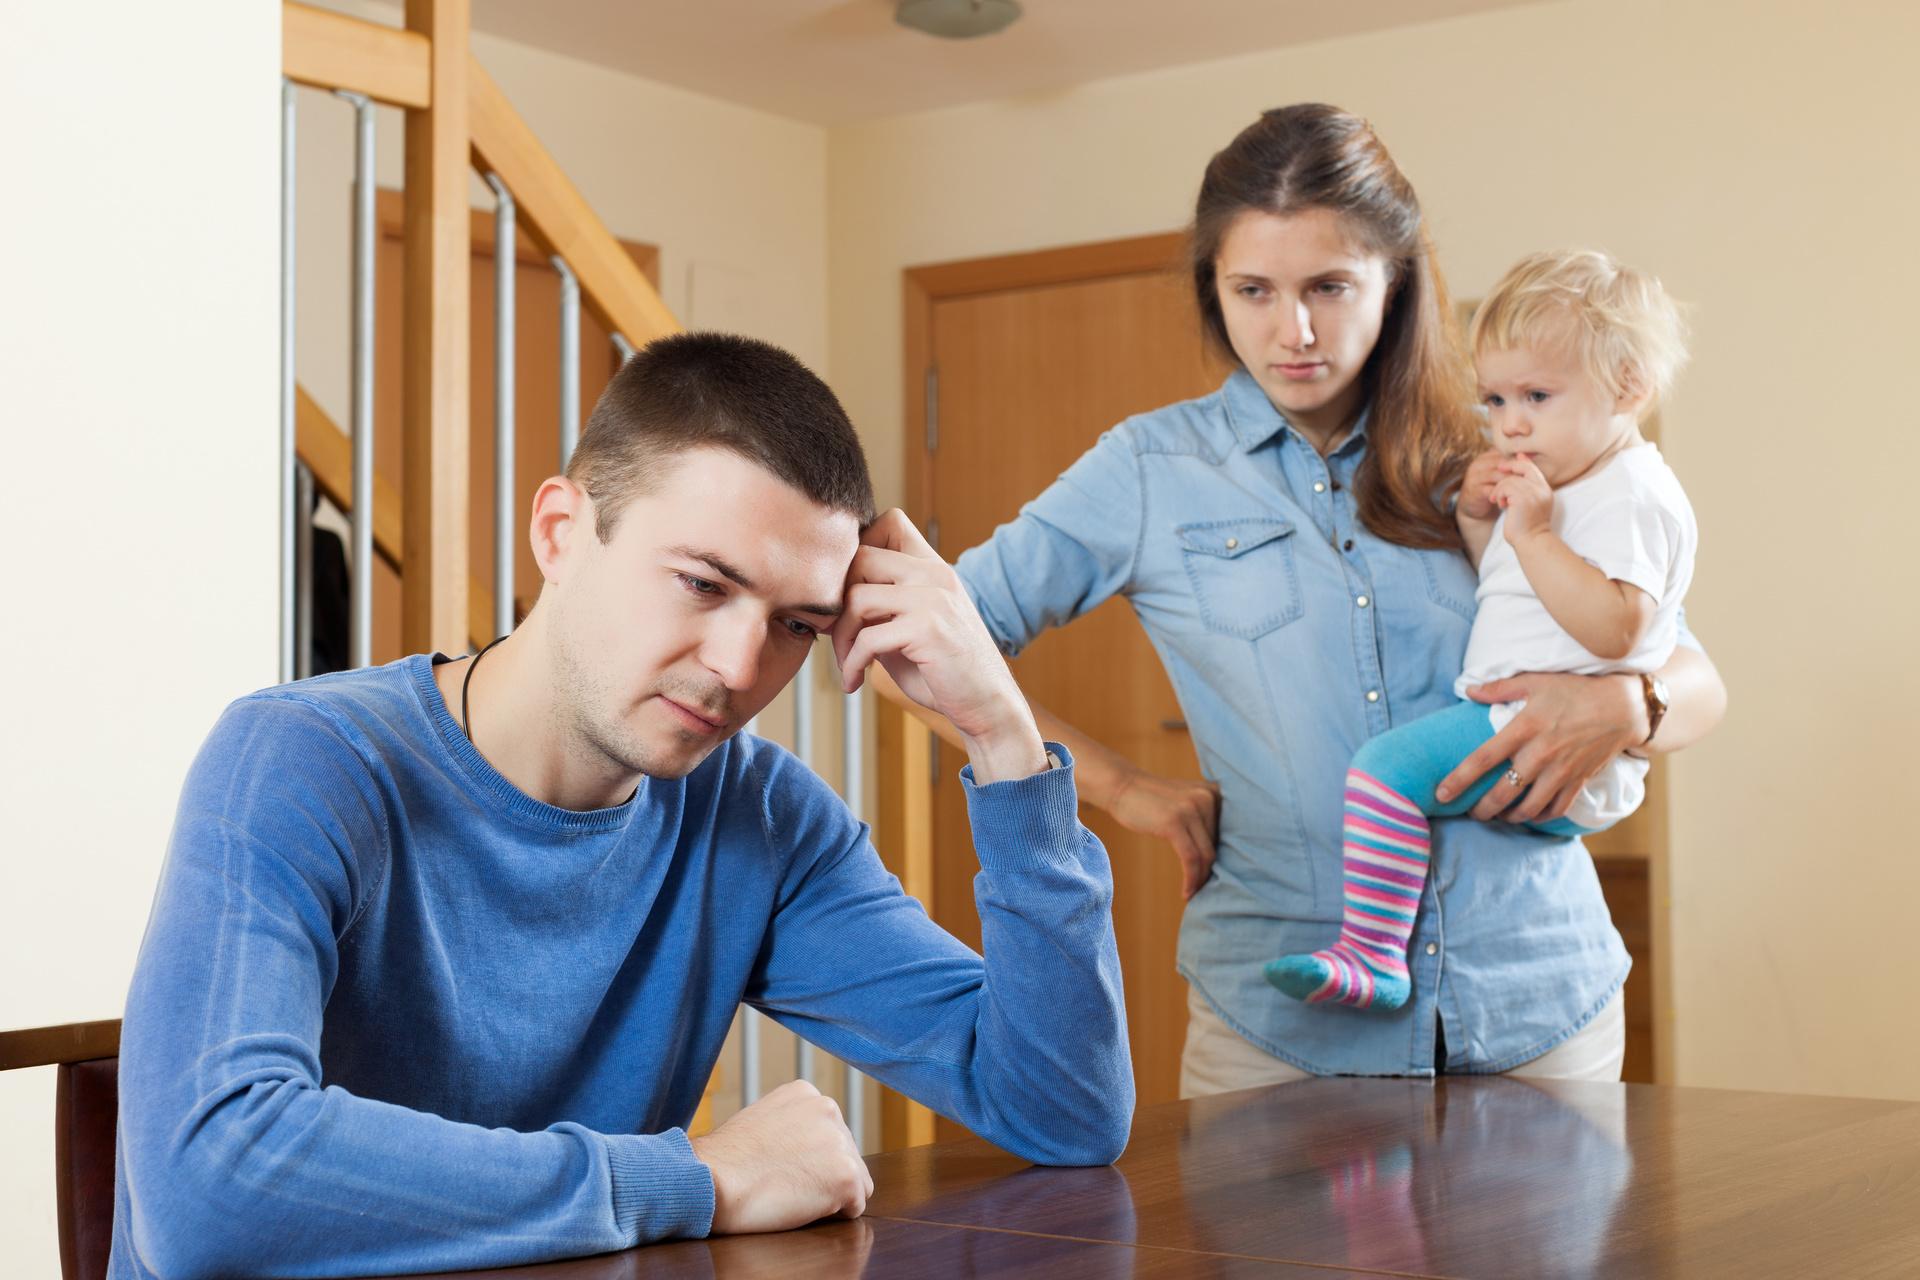 Отказ от отцовства в добровольном порядке: последствия, порядок - как отказаться от отцовства по обоюдному согласию без суда